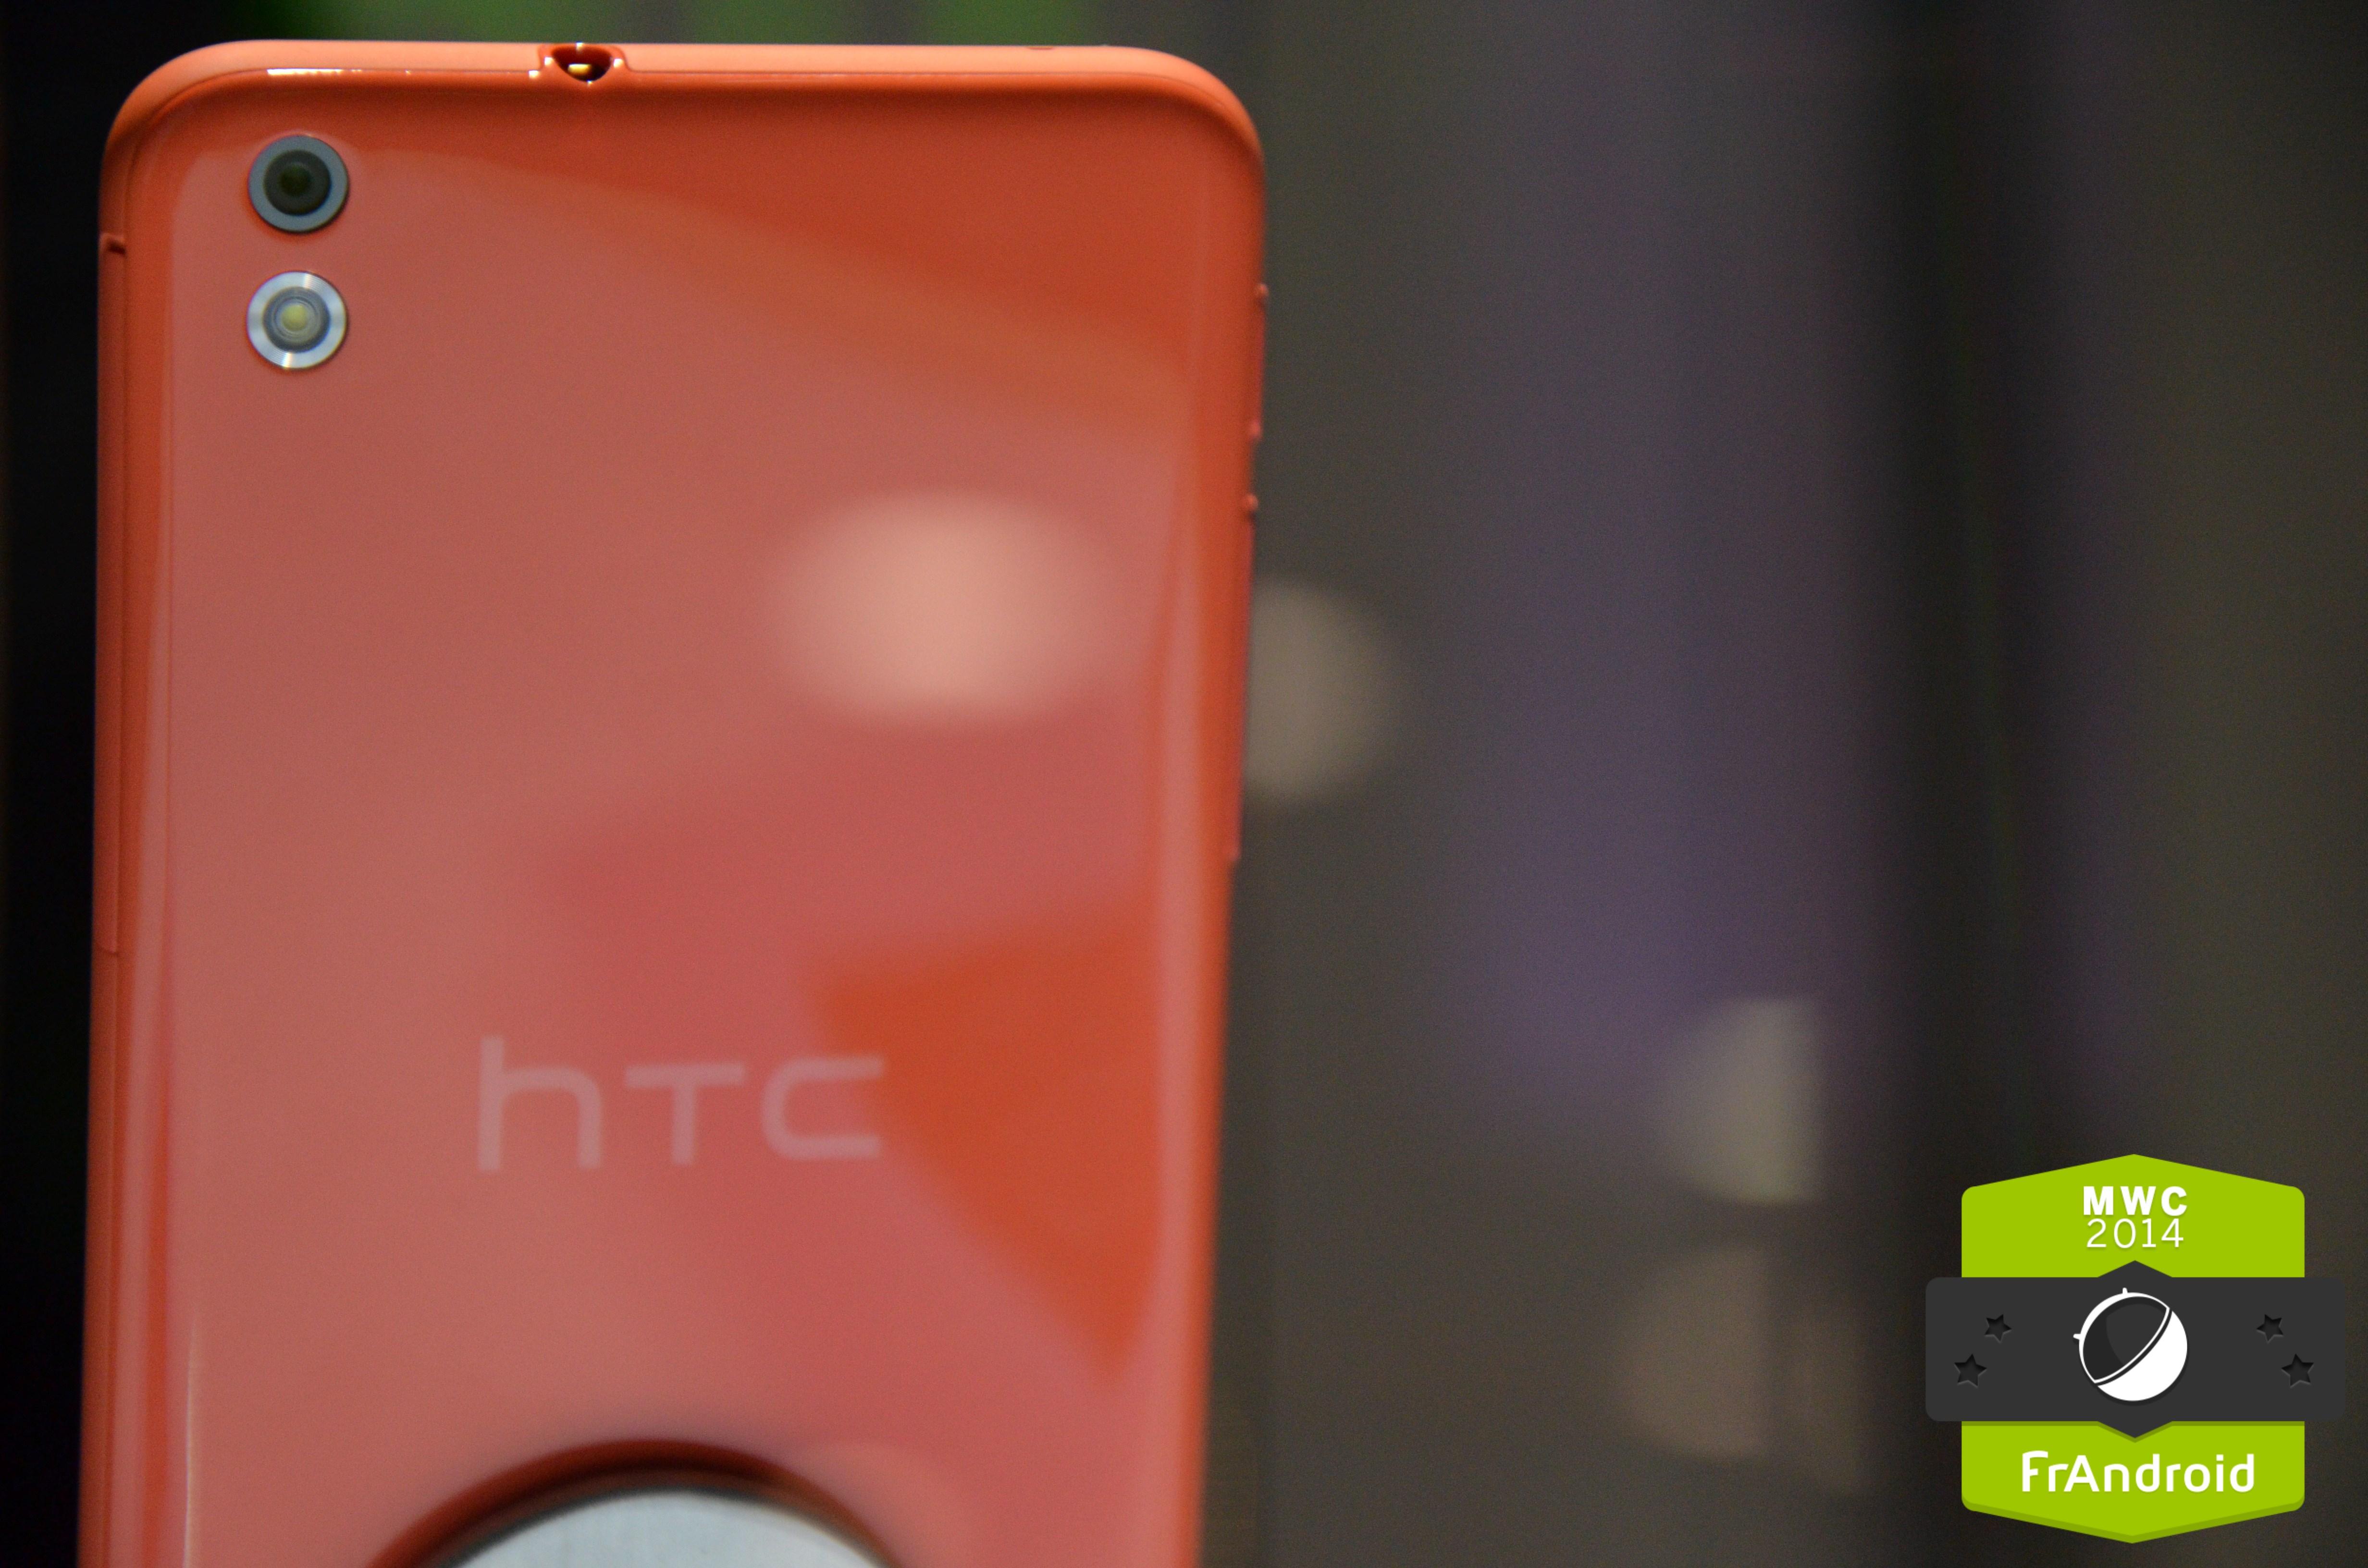 HTC dévoile ses résultats financiers pour février 2014 : ses objectifs de début d'année semblent loin